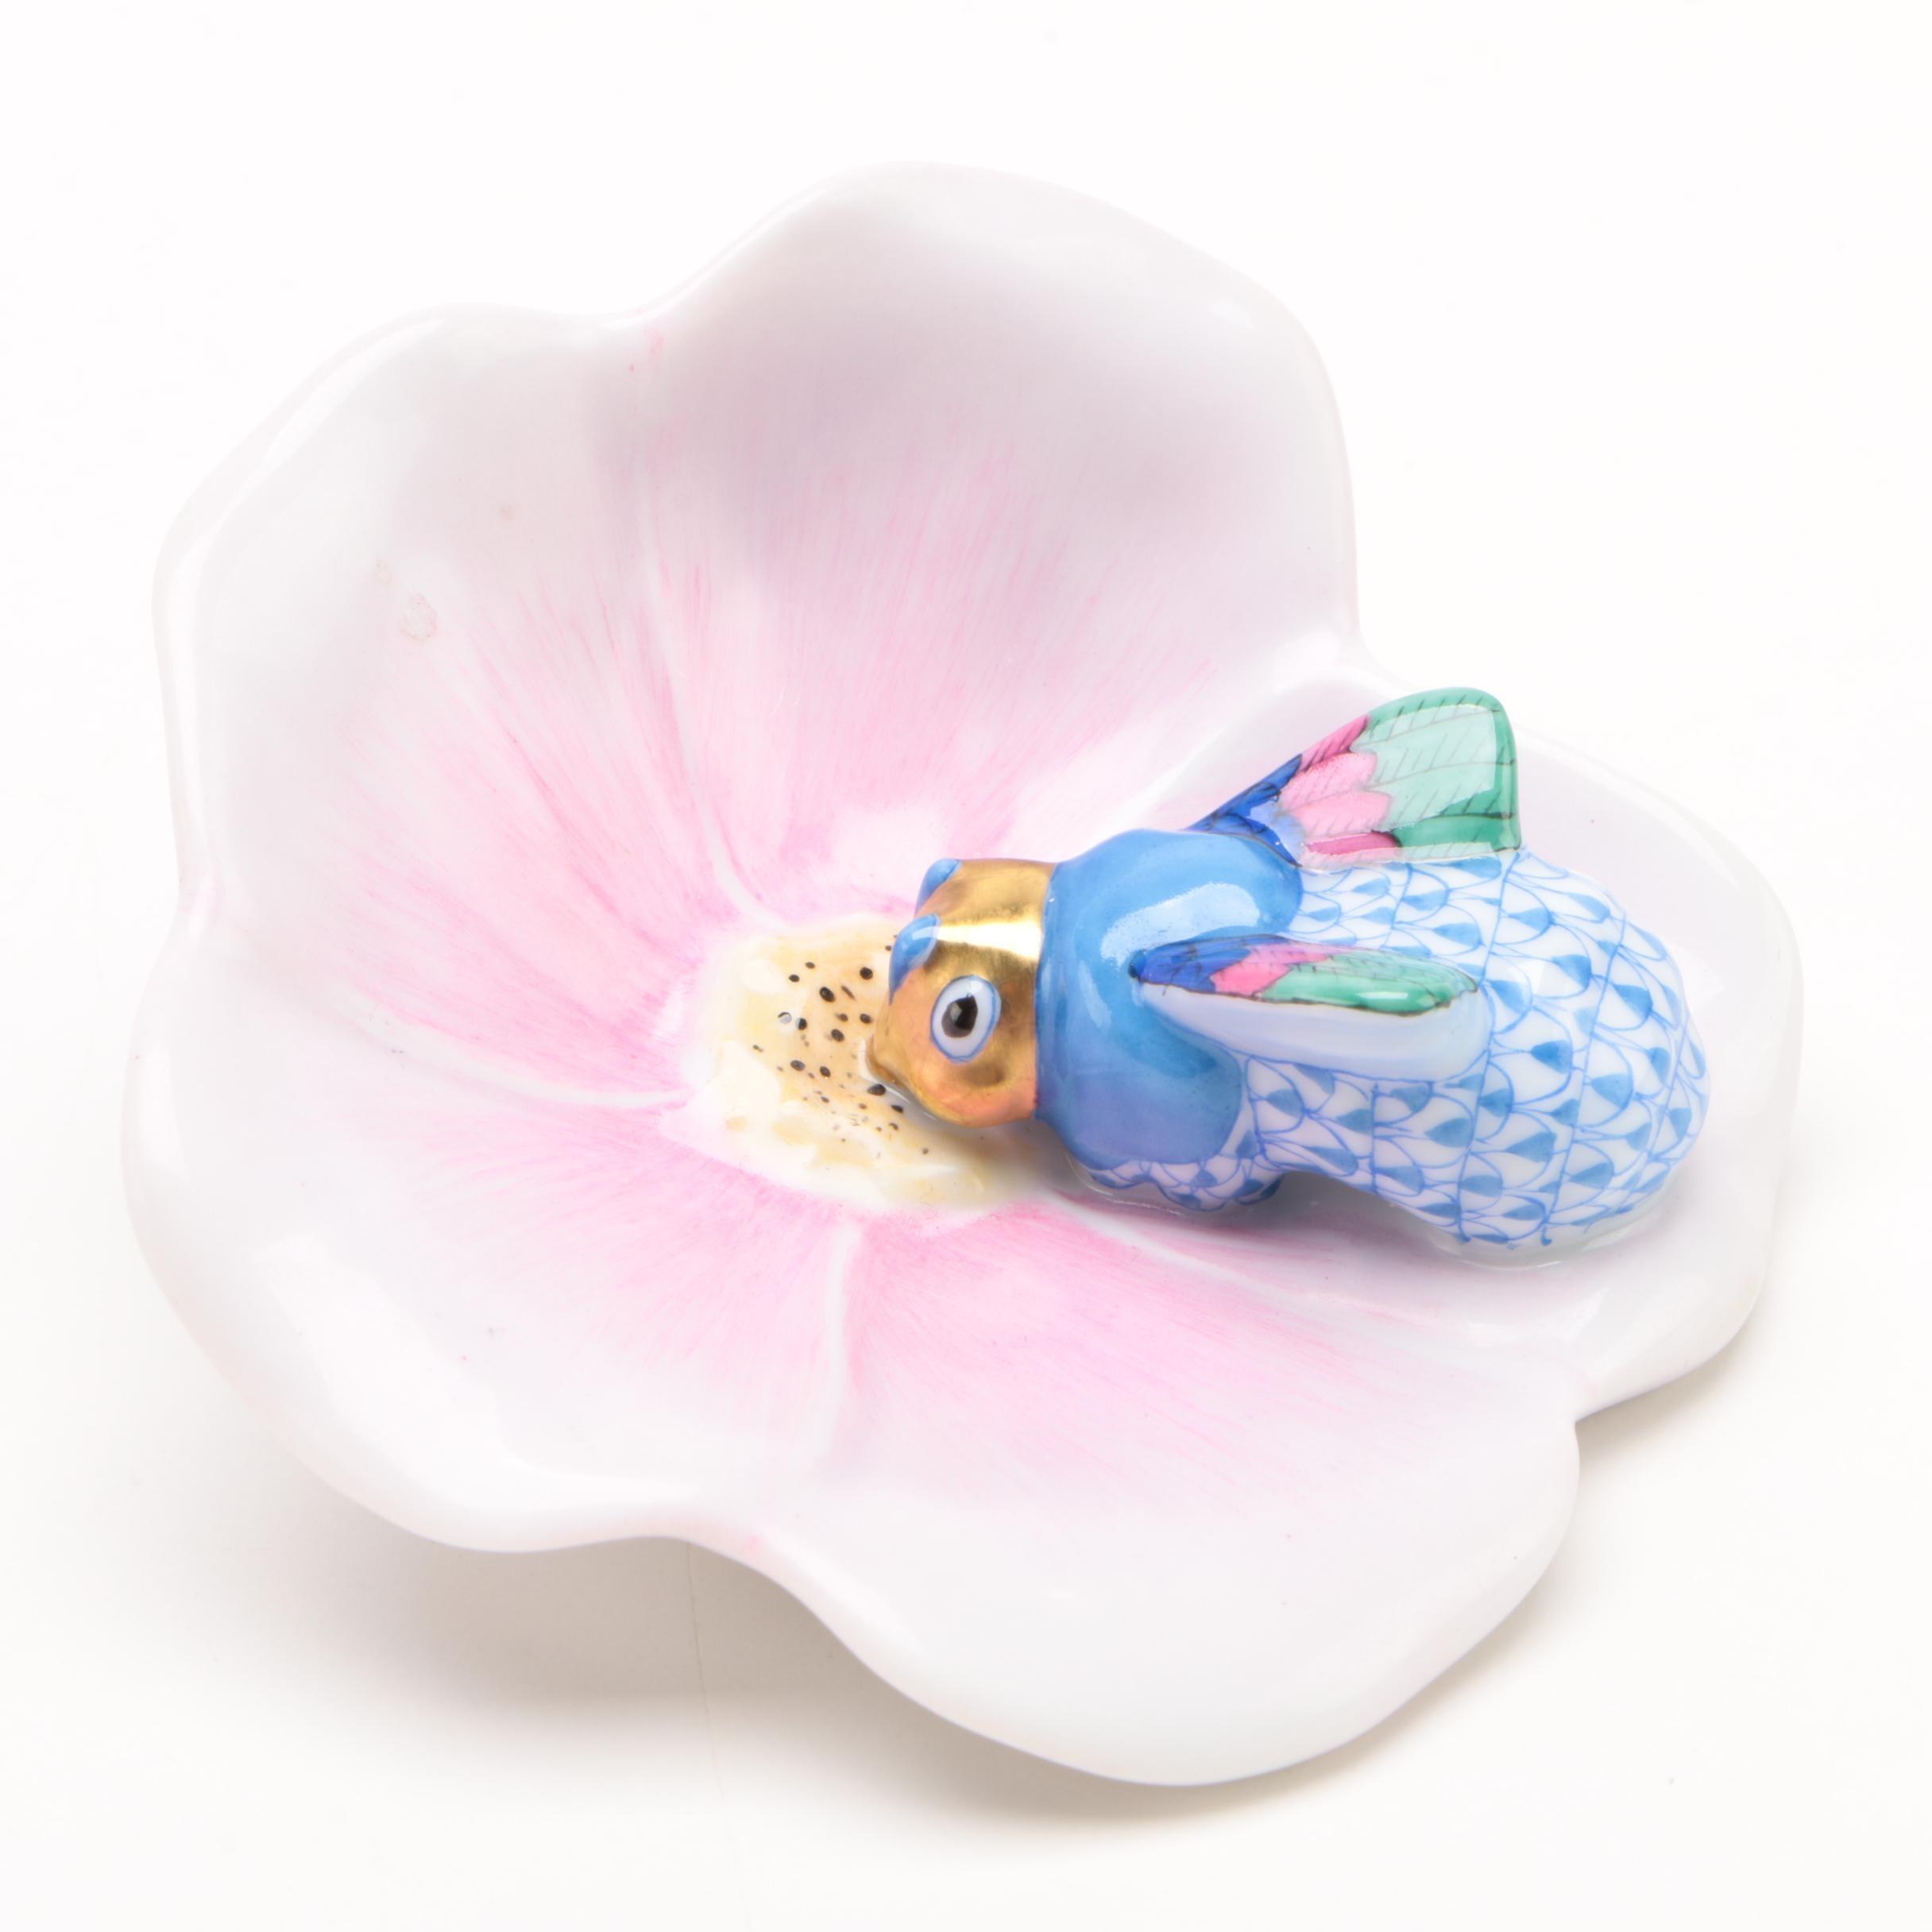 """Herend Blue Fishnet """"Ladybug on Flower"""" Porcelain Figurine"""